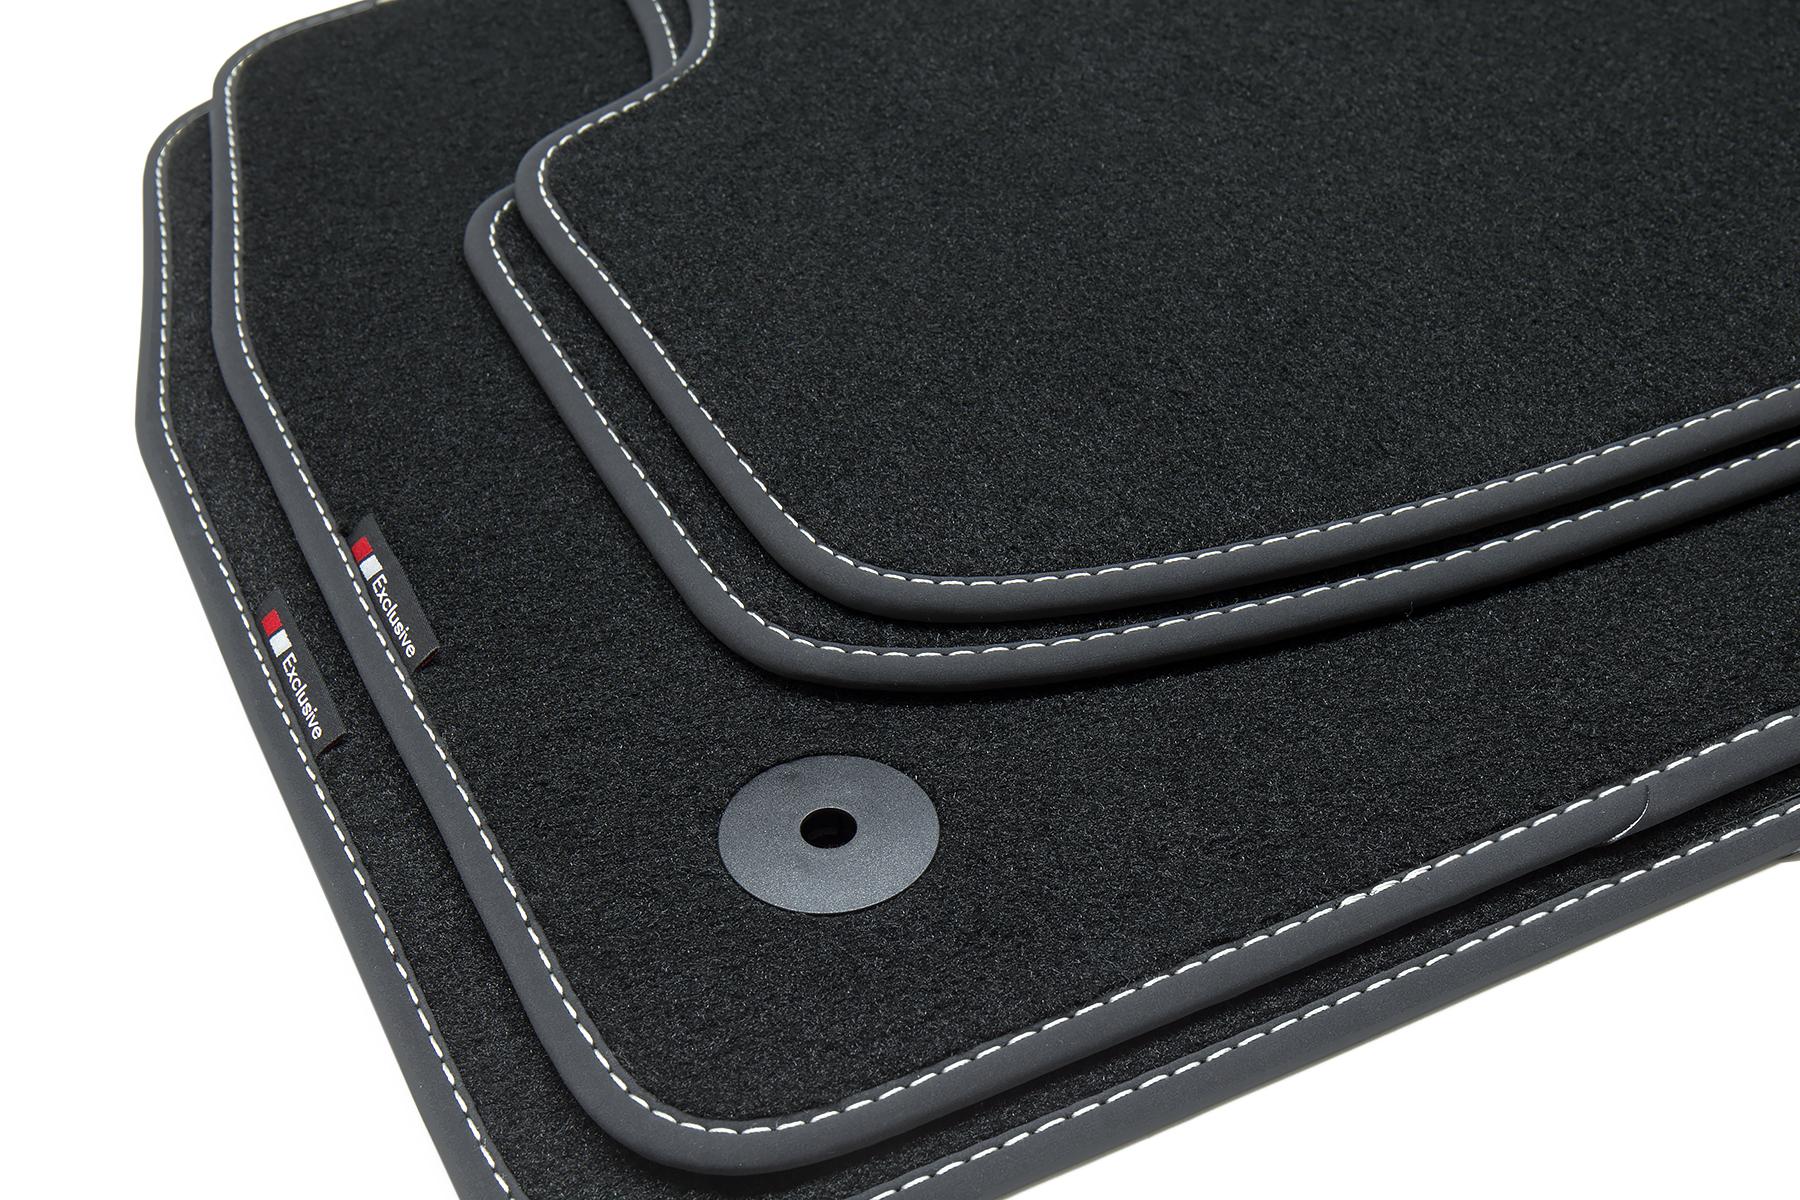 2005-2014 Exclusive-line Design Fußmatten für Opel Zafira 2 II Bj